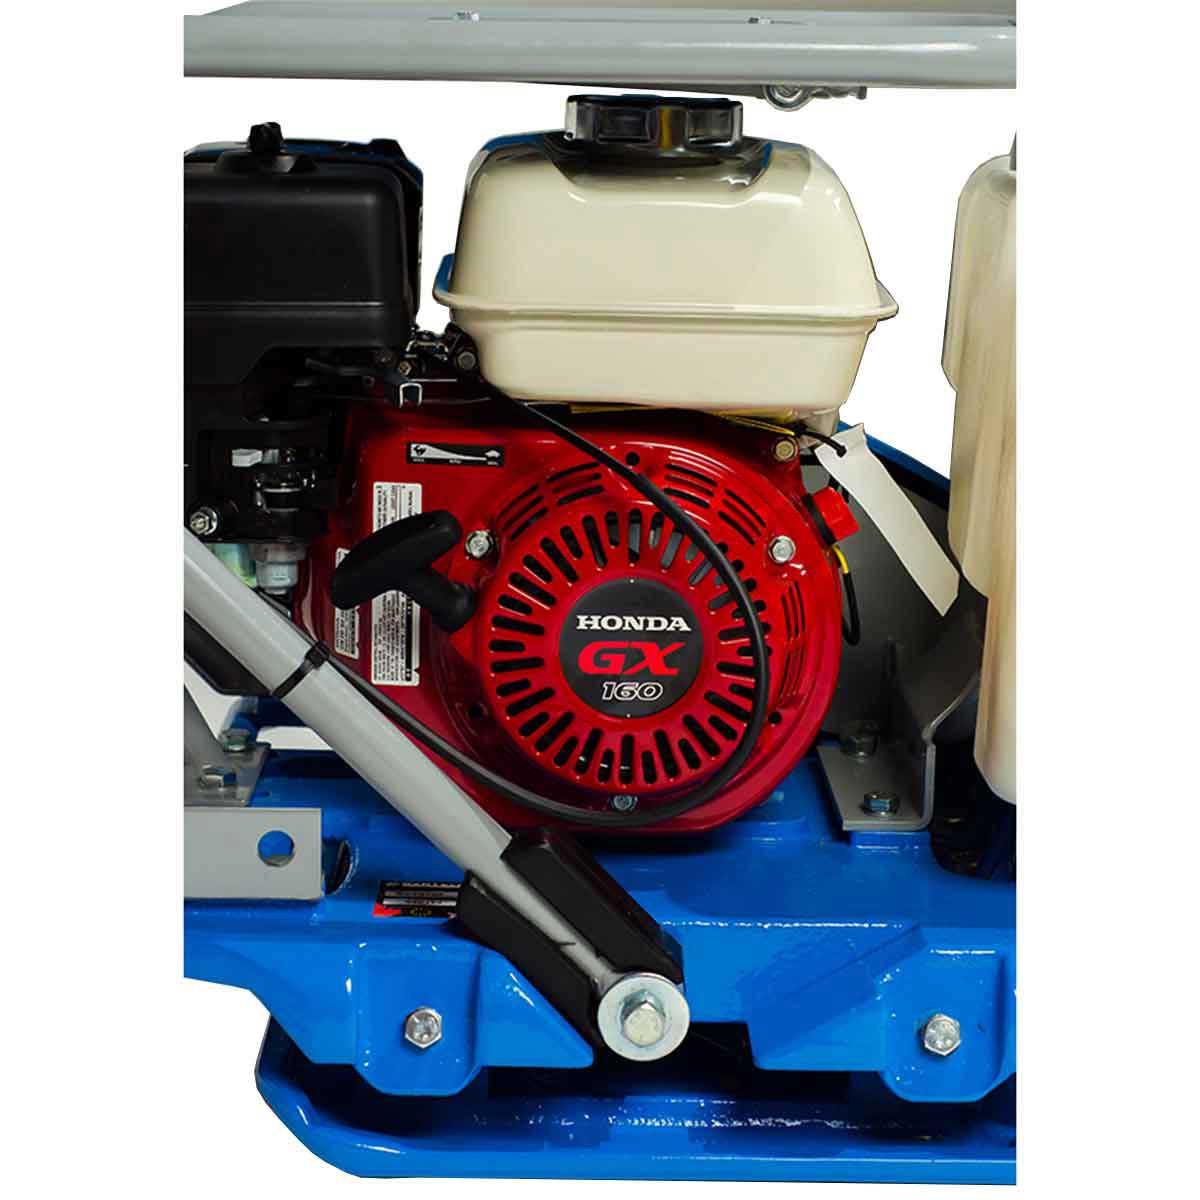 Bartell asphalt Plate motor